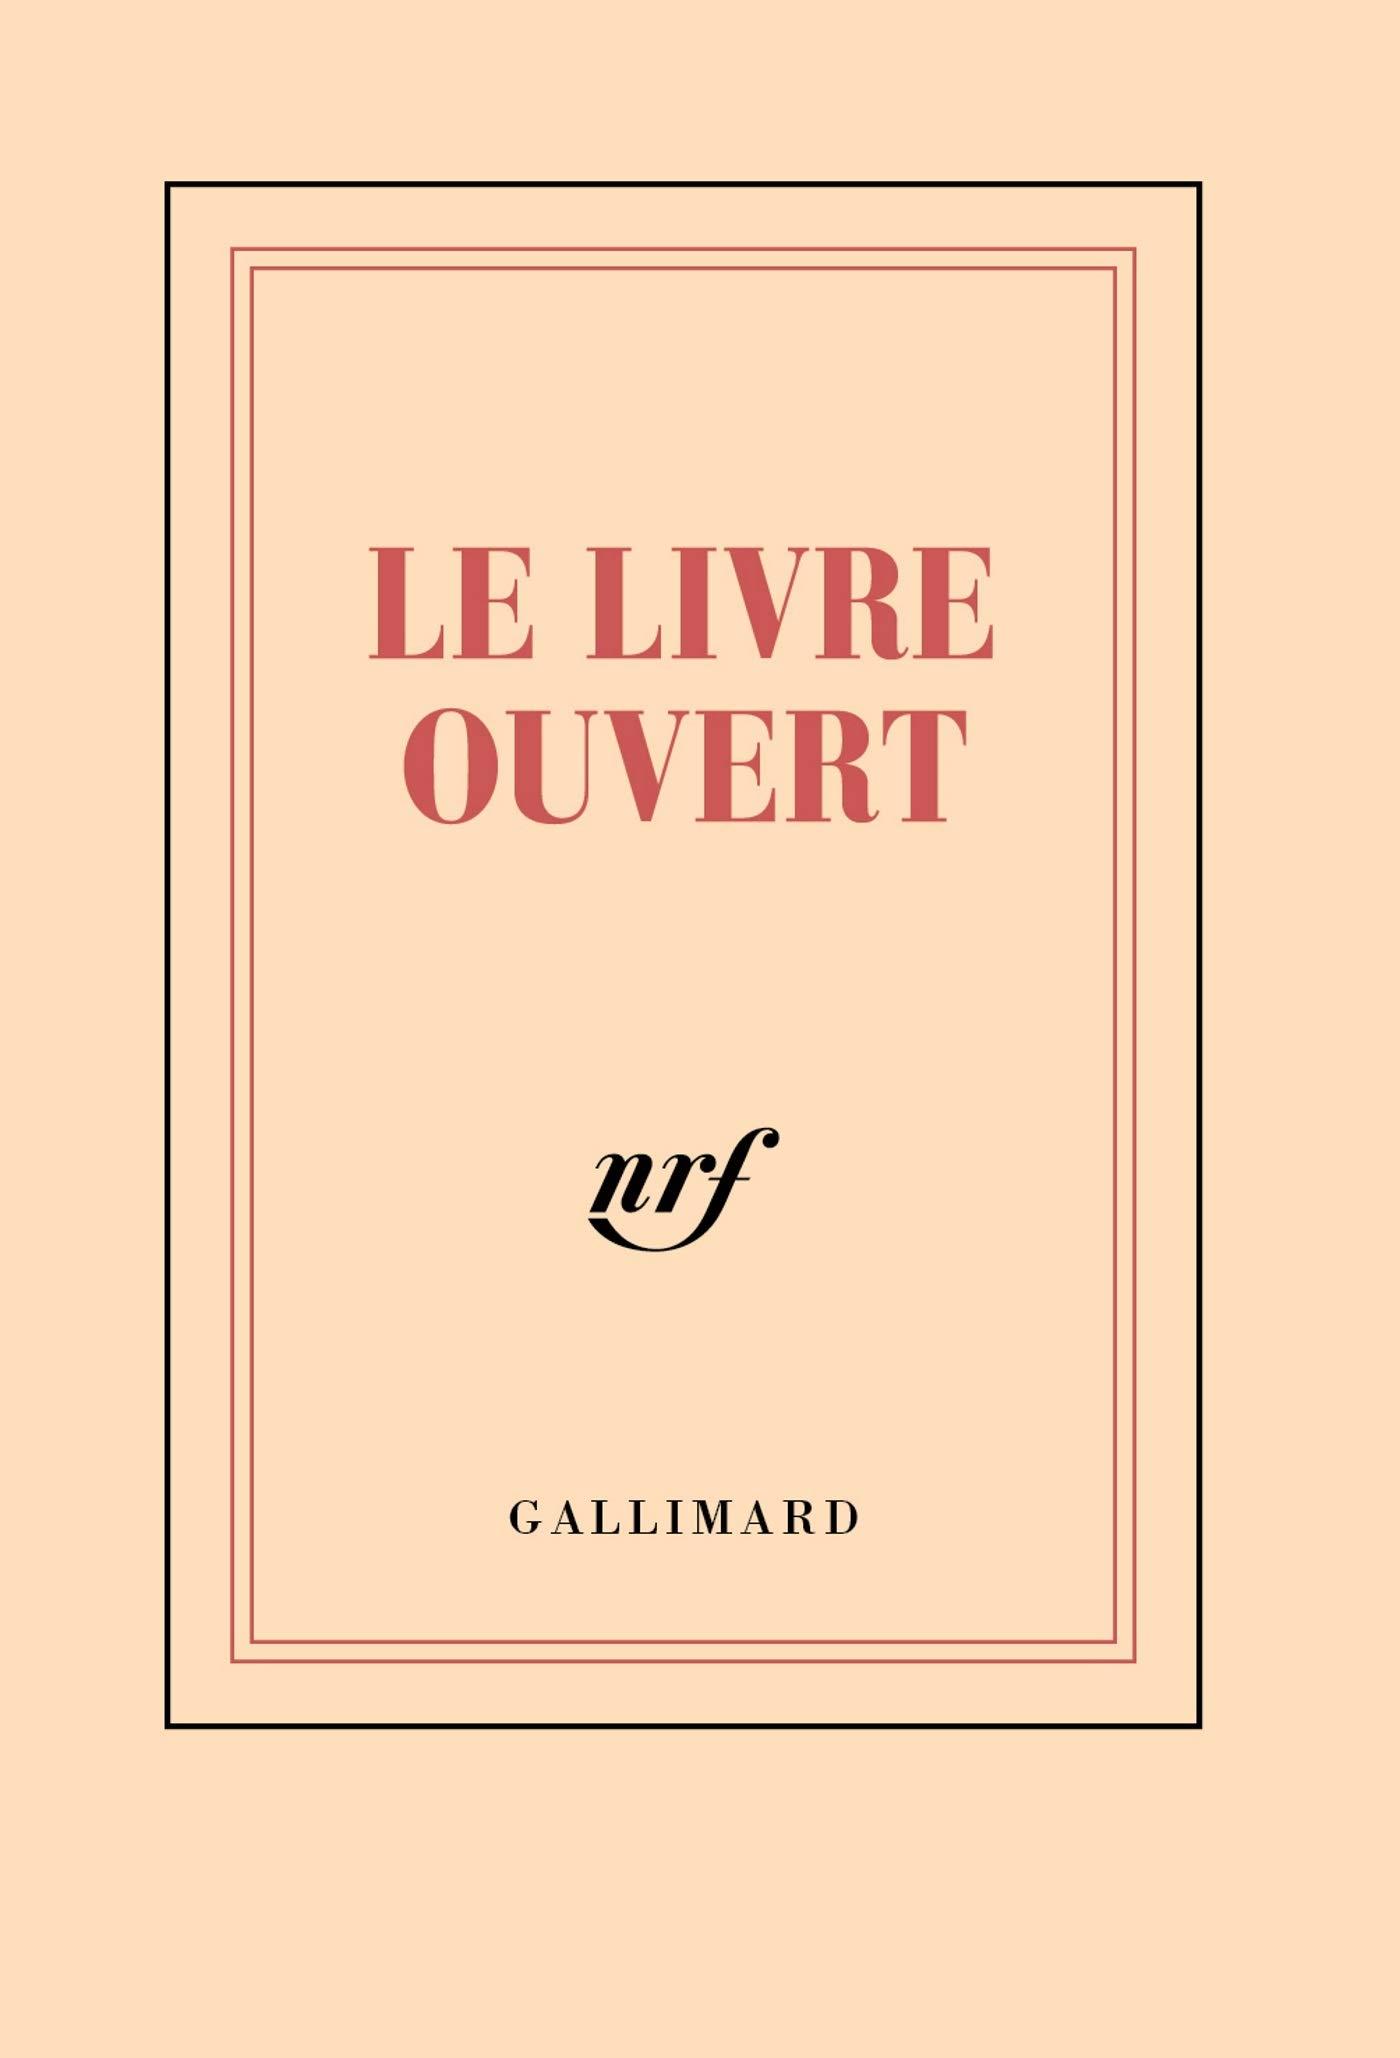 Papeterie Gallimard Carnet Poche Ligne Le Livre Ouvert 8